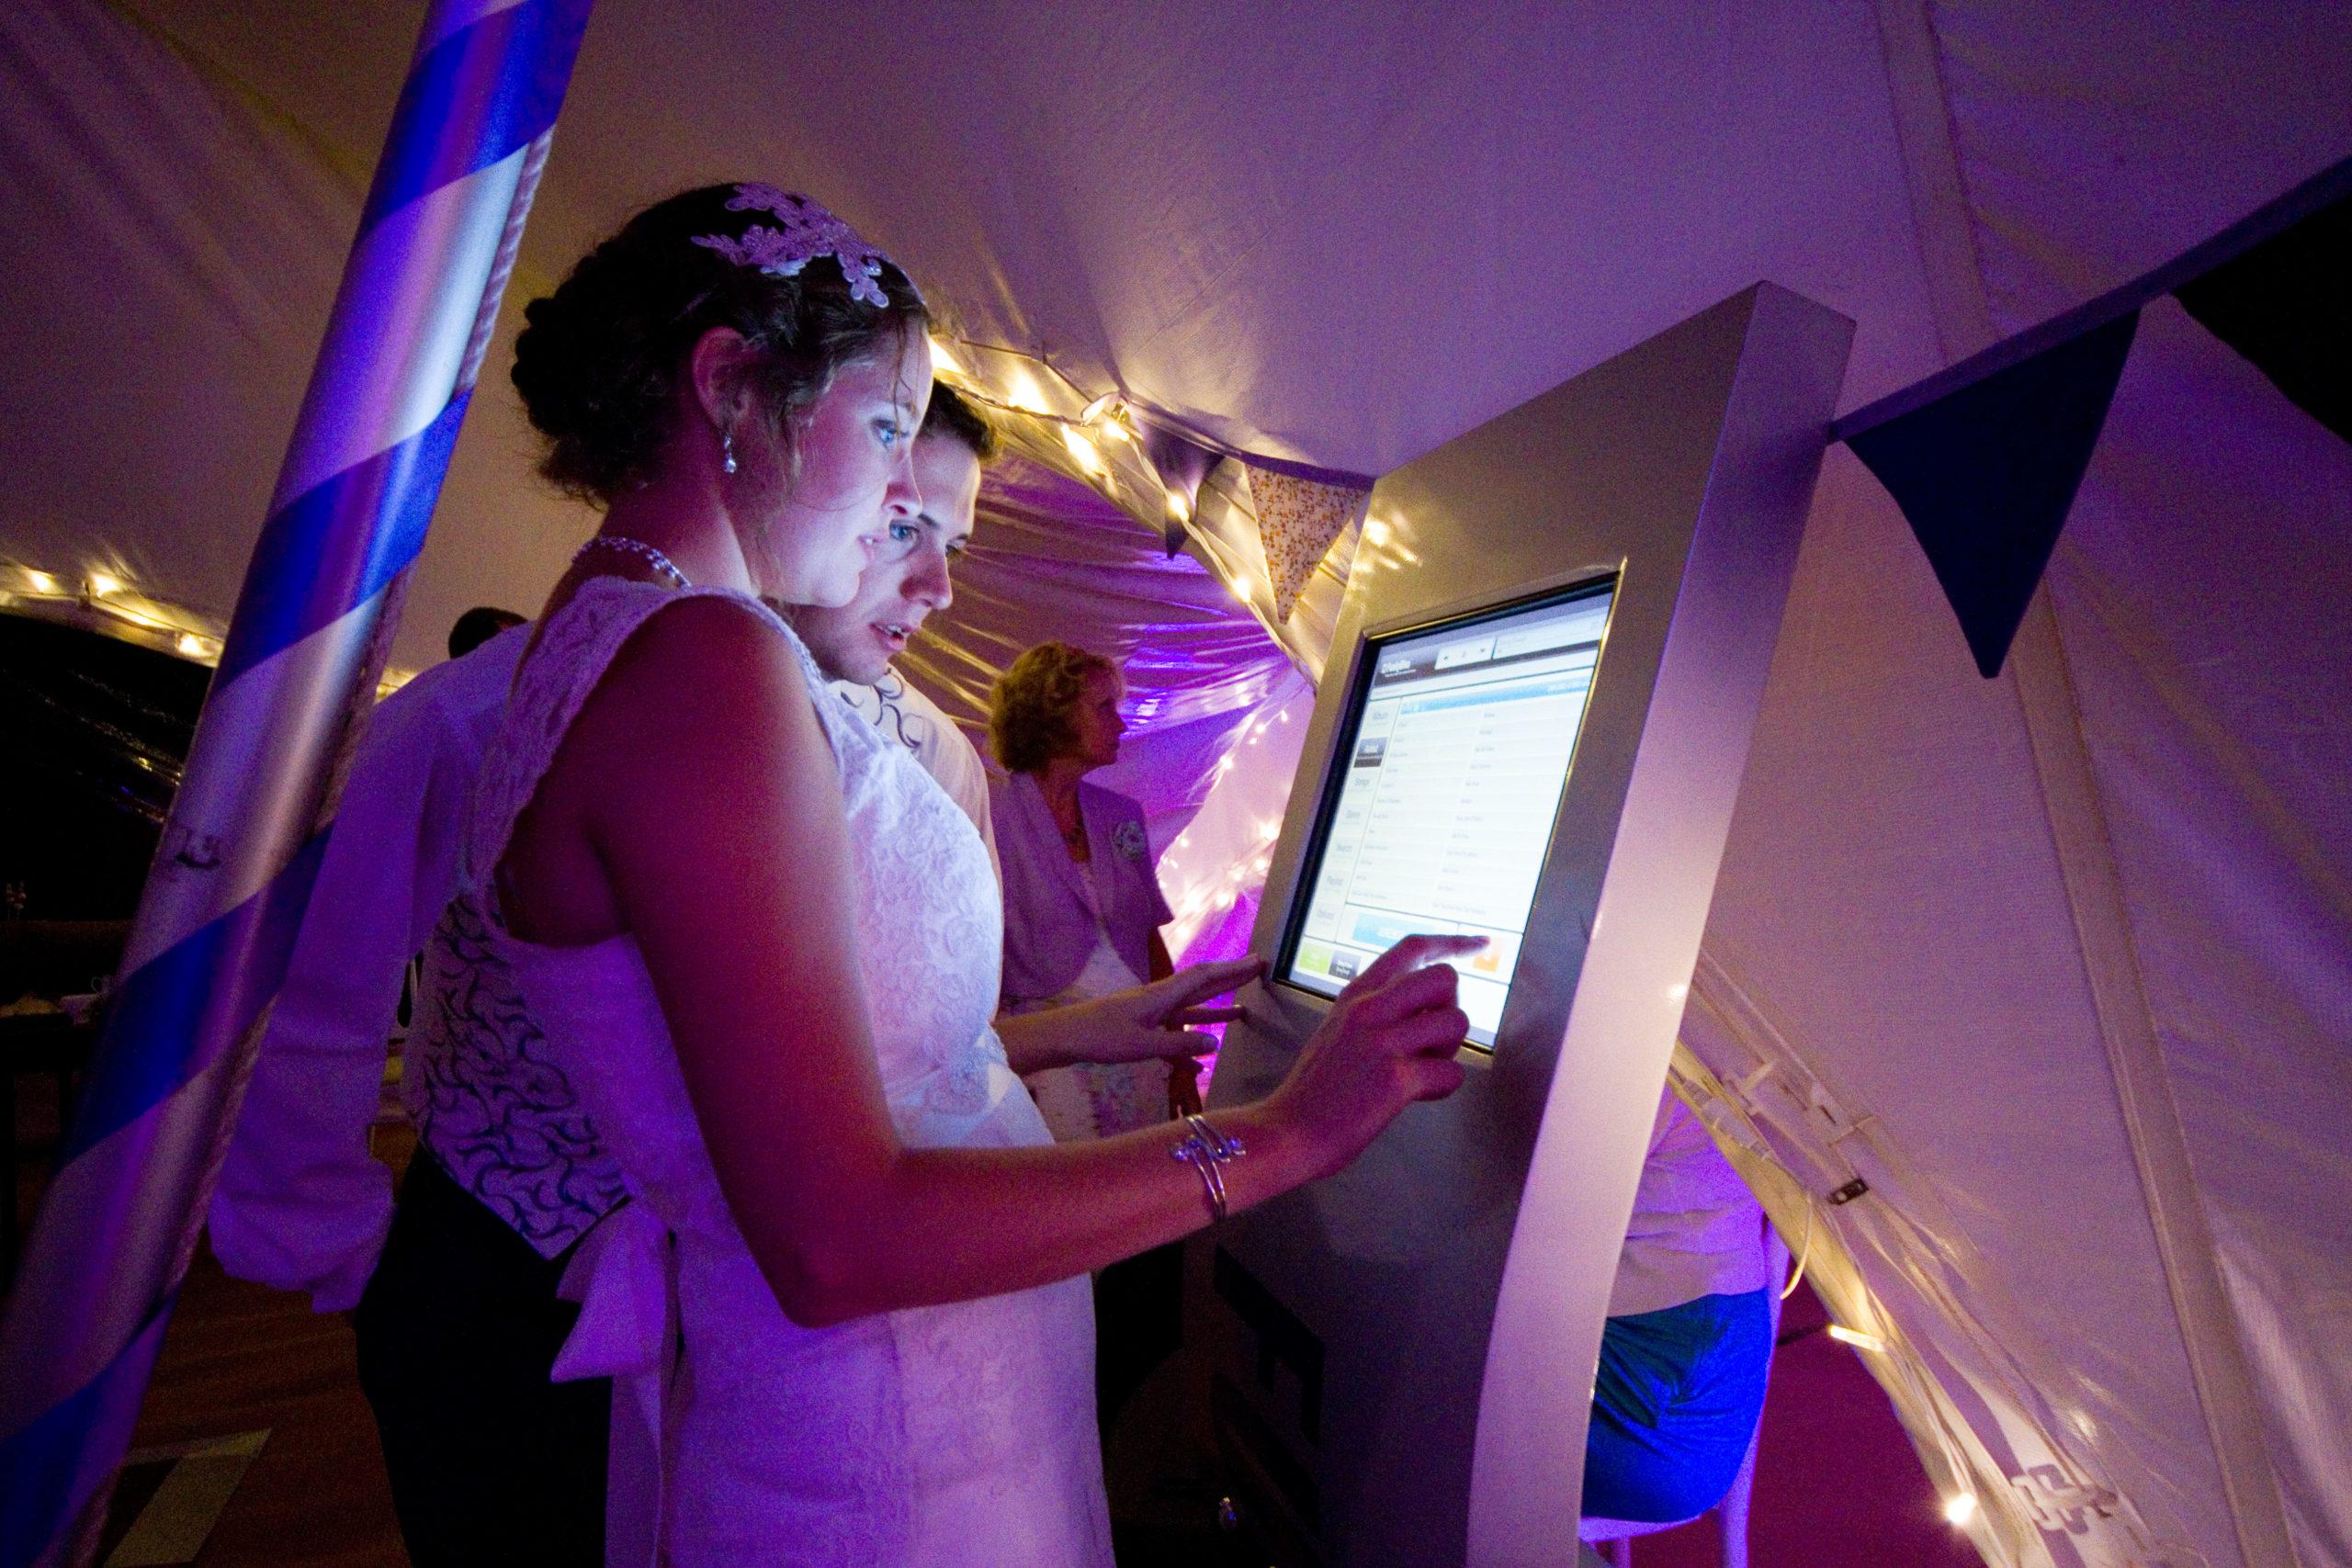 Ref A wedding photo